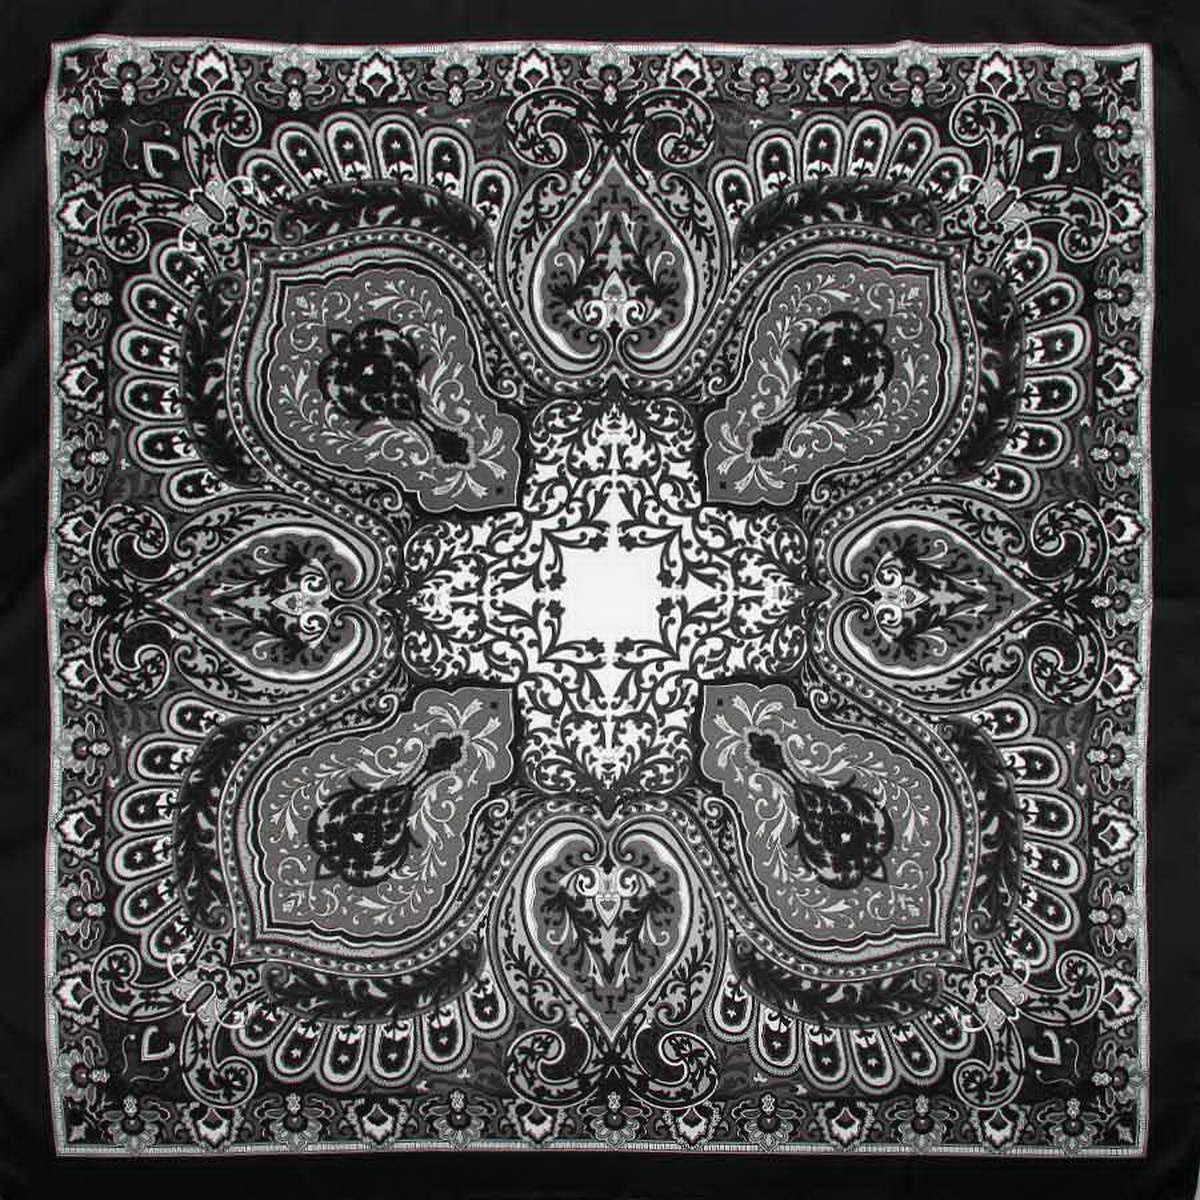 Платок3906133-02Изысканный и невероятно красивый женский платок Venera изготовлен из нежного и легкого полиэстера, станет умопомрачительным аксессуаром для нежной и романтичной женщины, которая всегда стремиться произвести эффект на окружающих. Этот замечательный платок с деликатным восточным рисунком добавит образу экзотичности, восточного шарма и великолепия. Классическая квадратная форма позволяет носить платок на шее, украшать им прическу или декорировать сумочку. Такой платок превосходно дополнит любой наряд и подчеркнет ваш неповторимый вкус и элегантность.